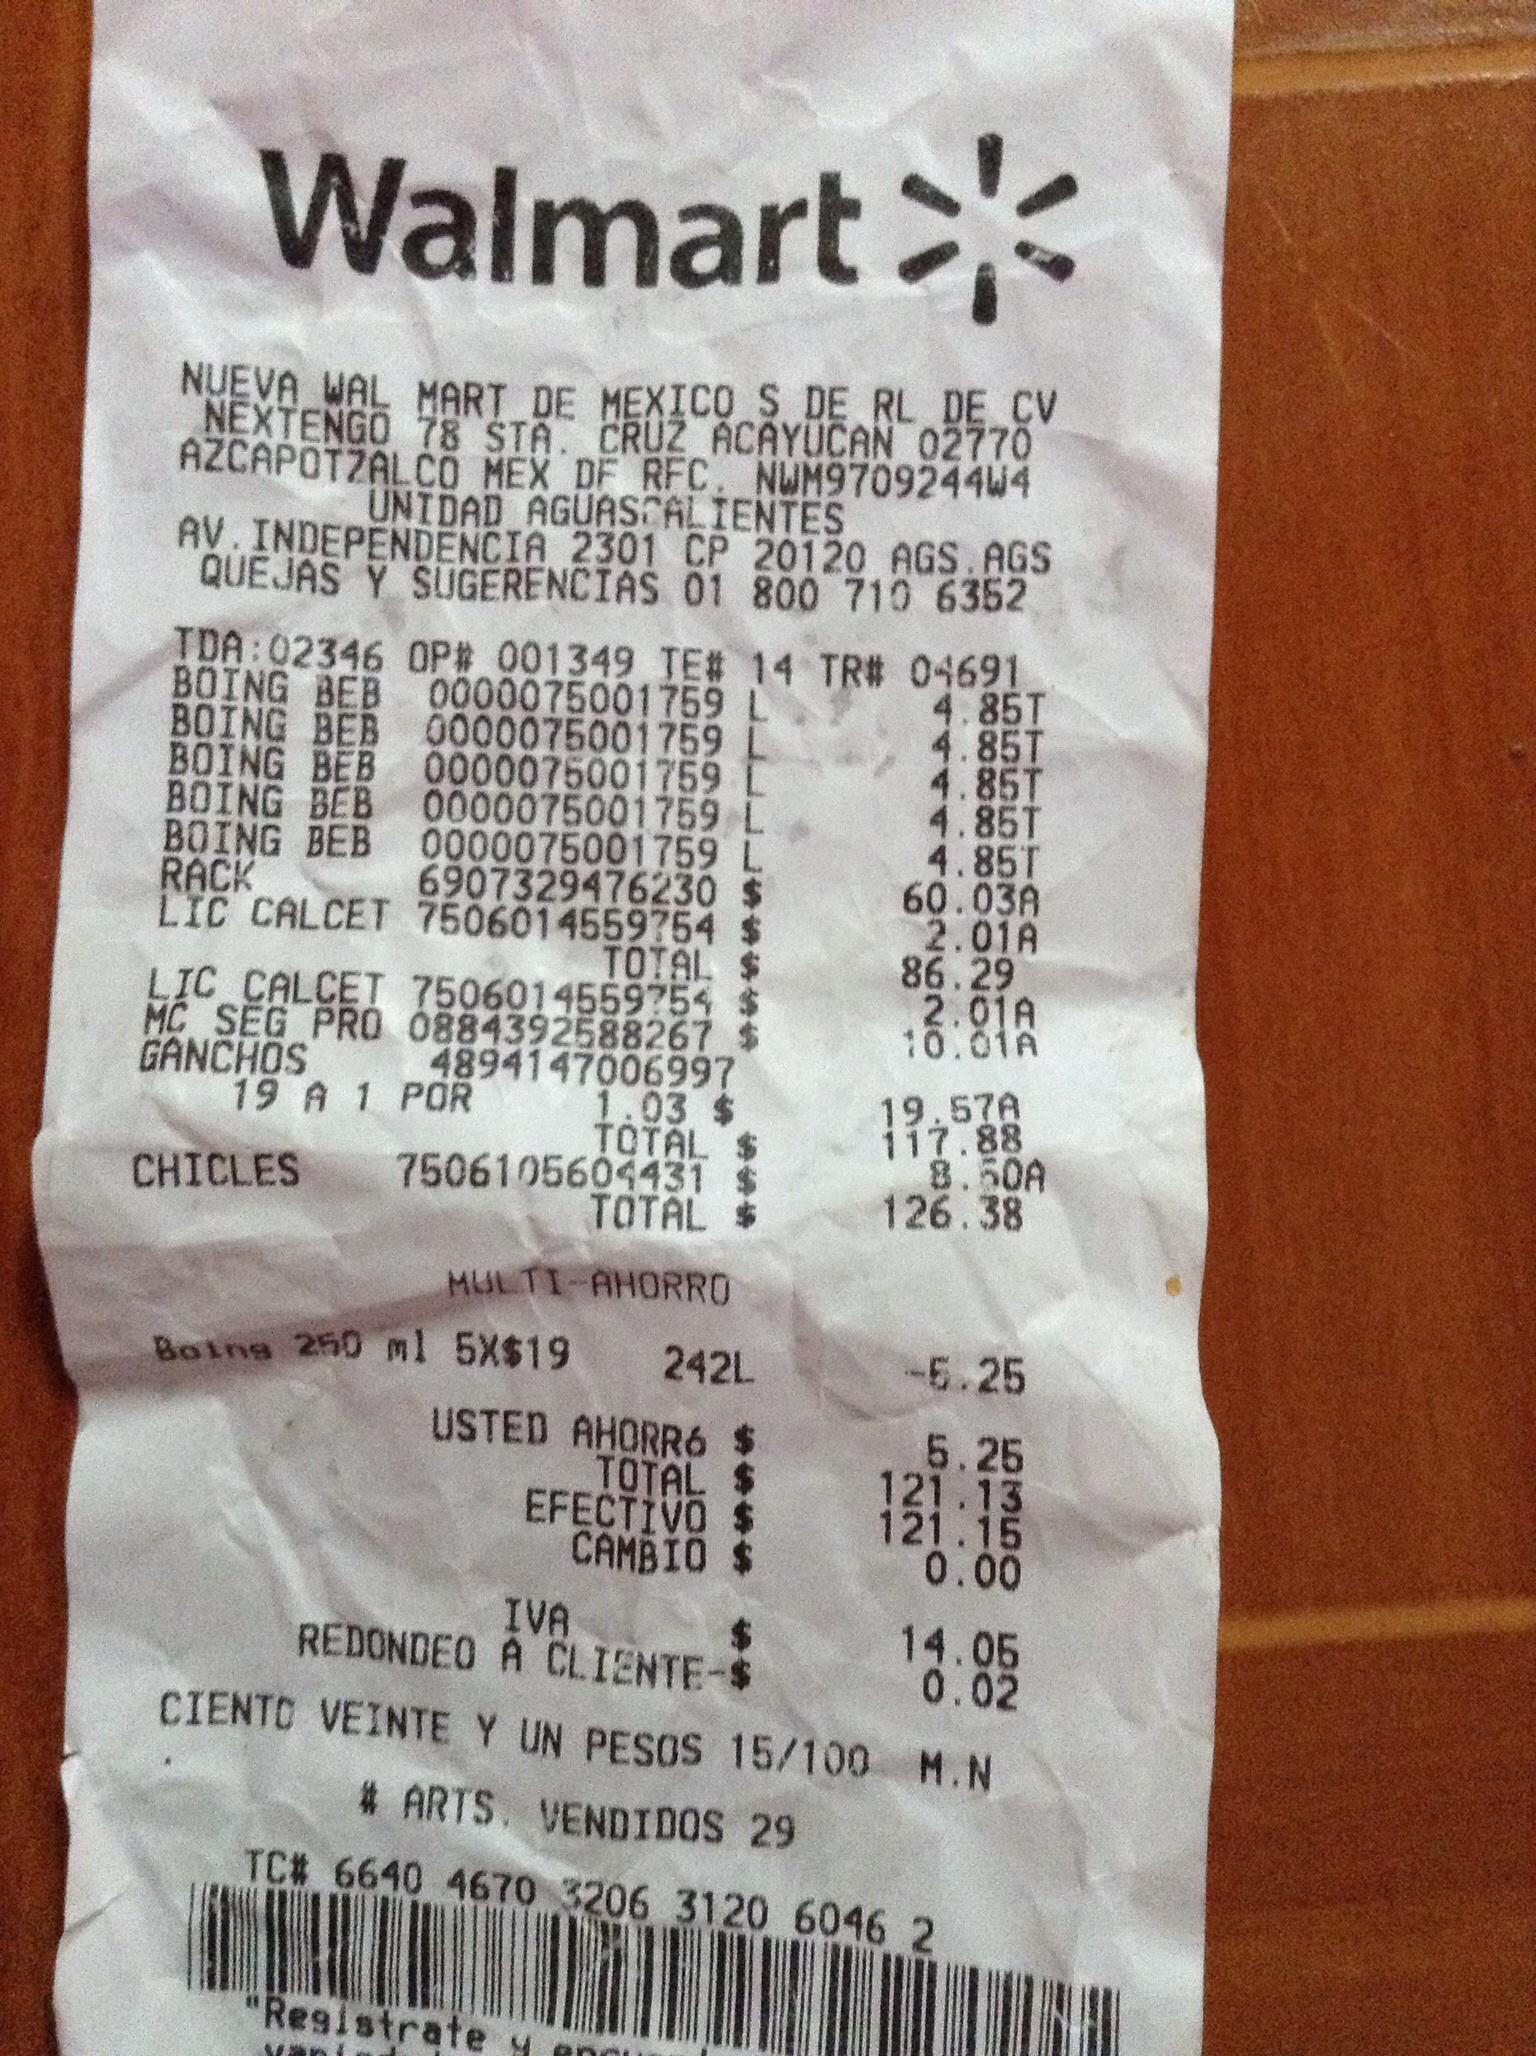 Walmart Aguascalientes: Calcetín de pepa a $2 ganchos a $1 y más